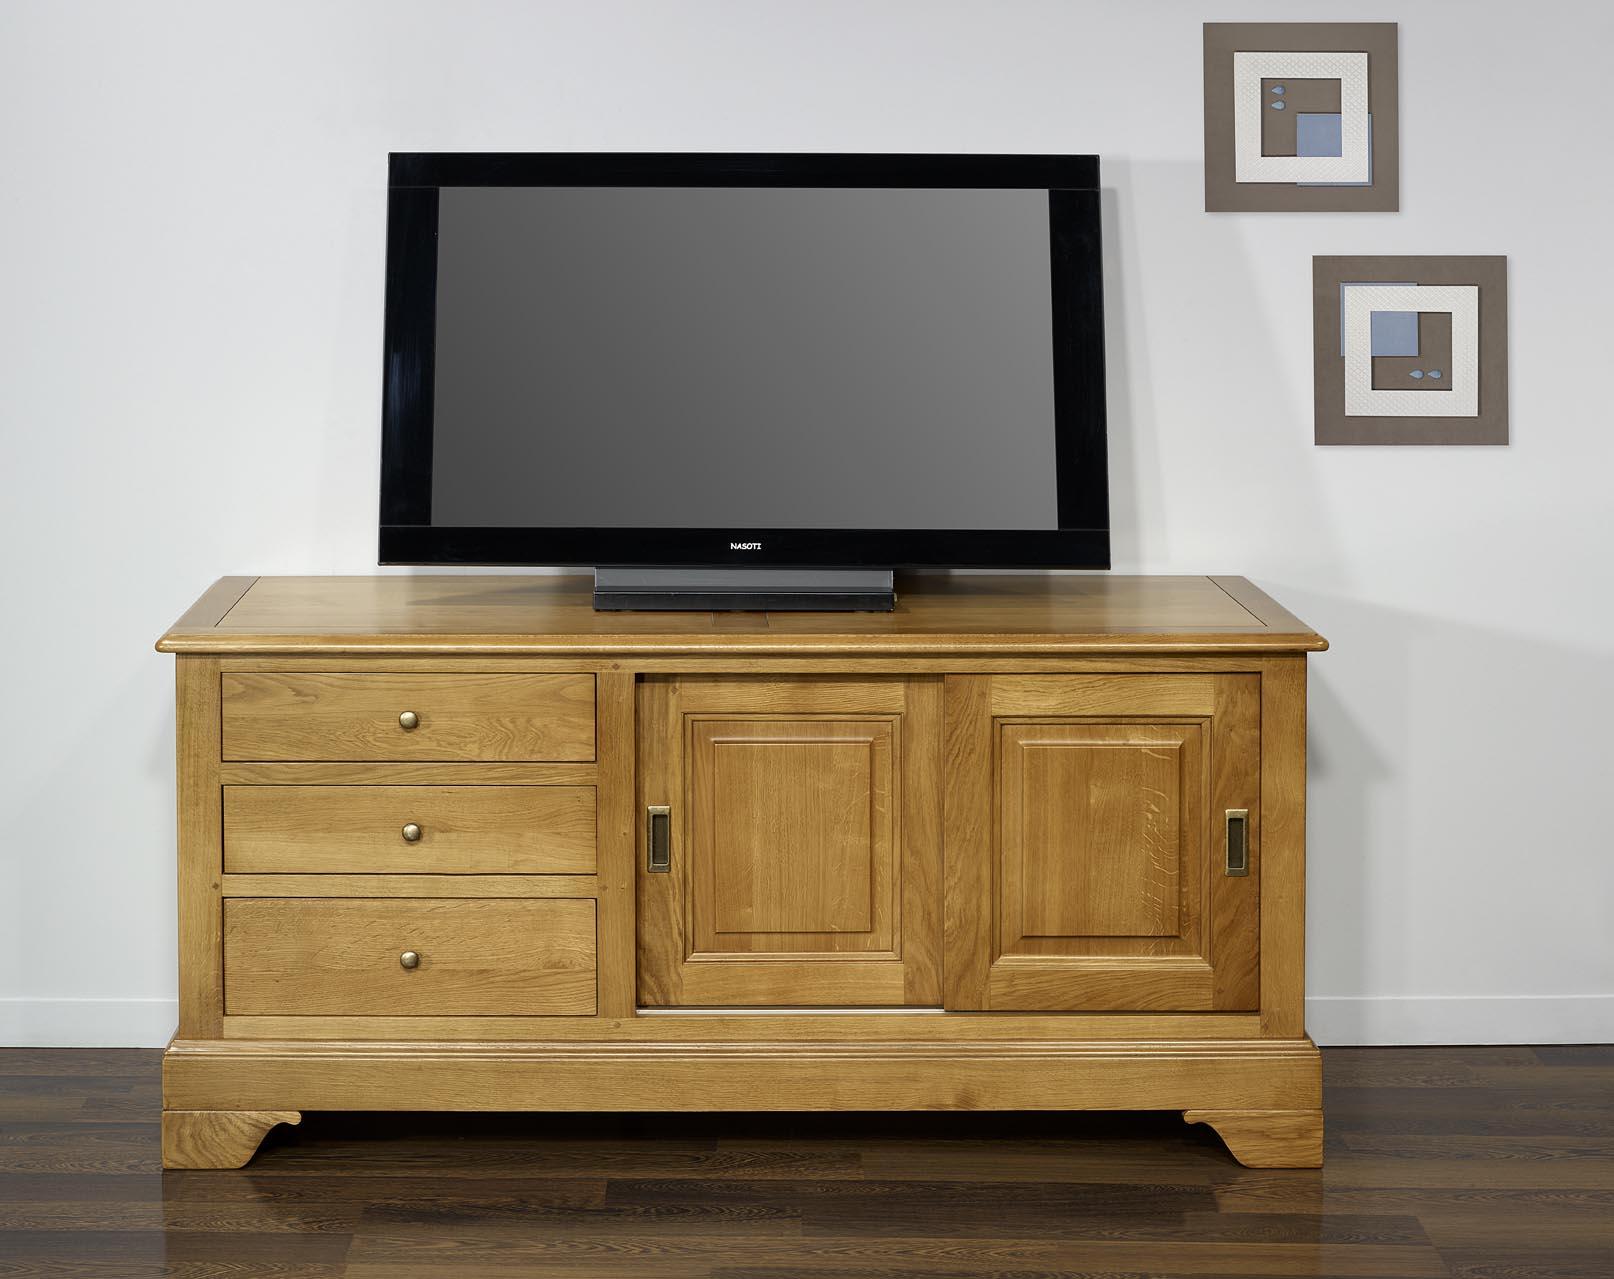 Mueble tv arnaldo en madera maciza de roble estilo louis for Mueble tv madera maciza